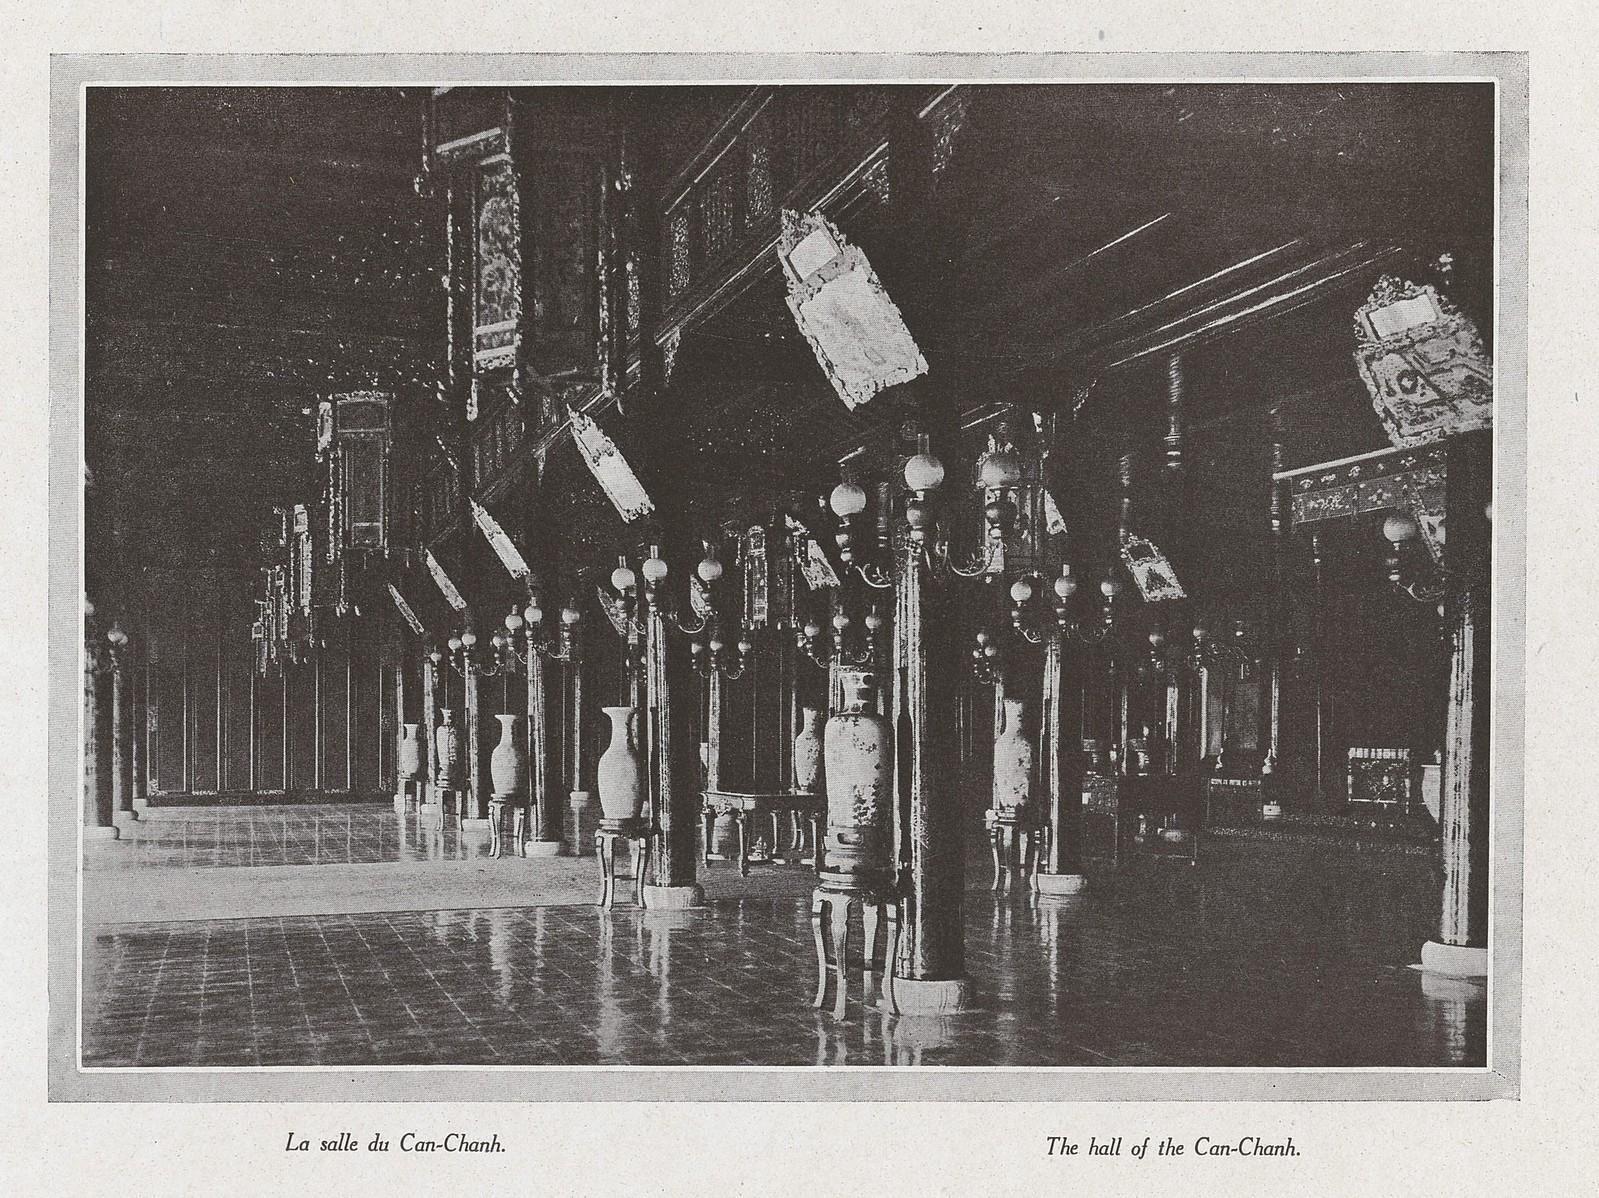 Ảnh cực quý về Hoàng thành Huế năm 1919 Ảnh 6